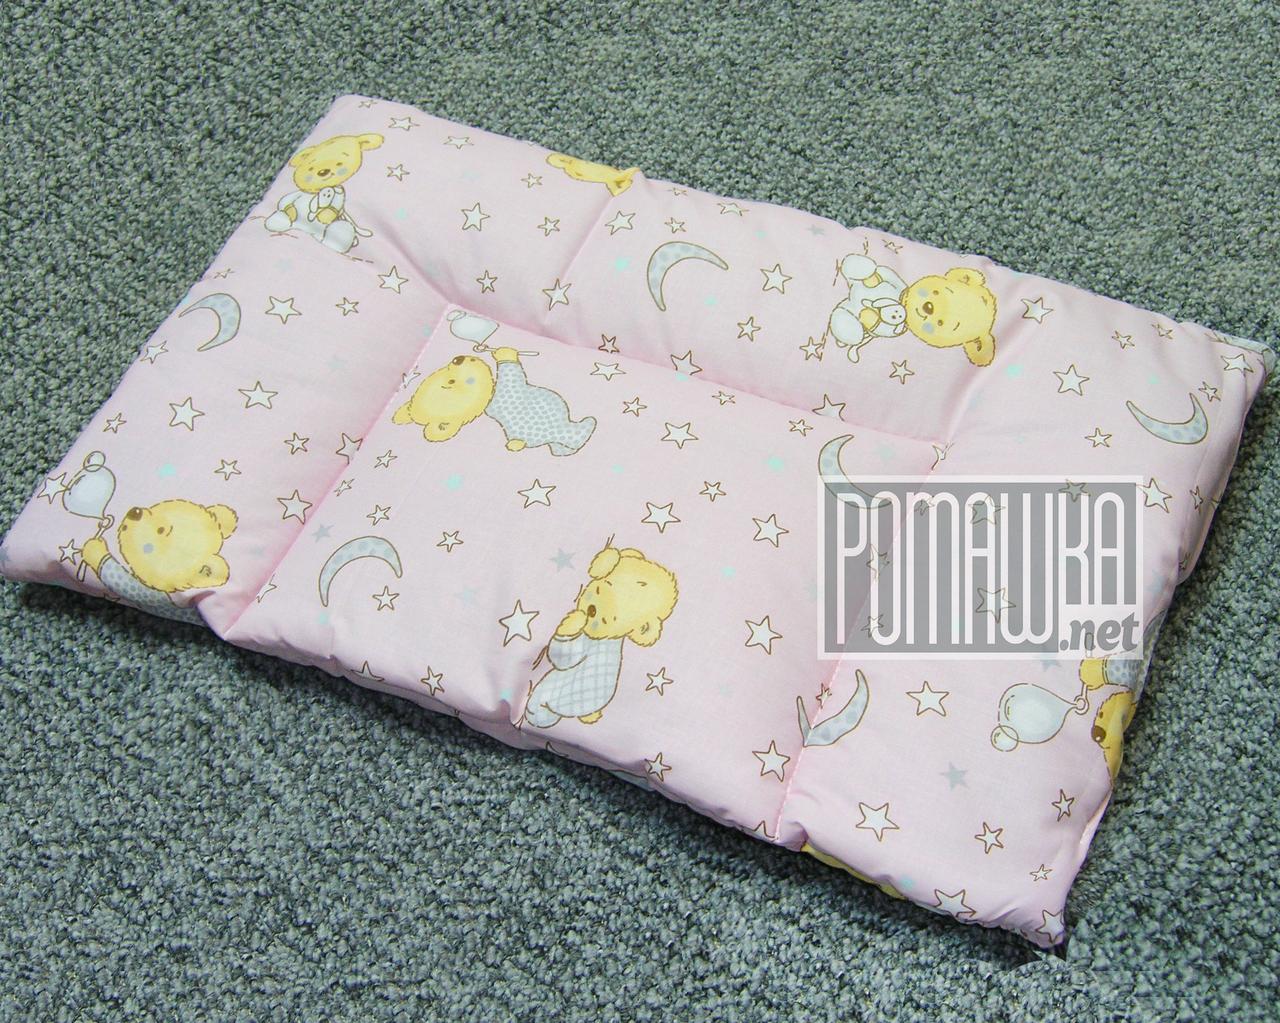 Подушка детская Нулевка 0-6 месяцев 38х58 для новорожденных с рождения гипоаллергенная 4620 Розовый